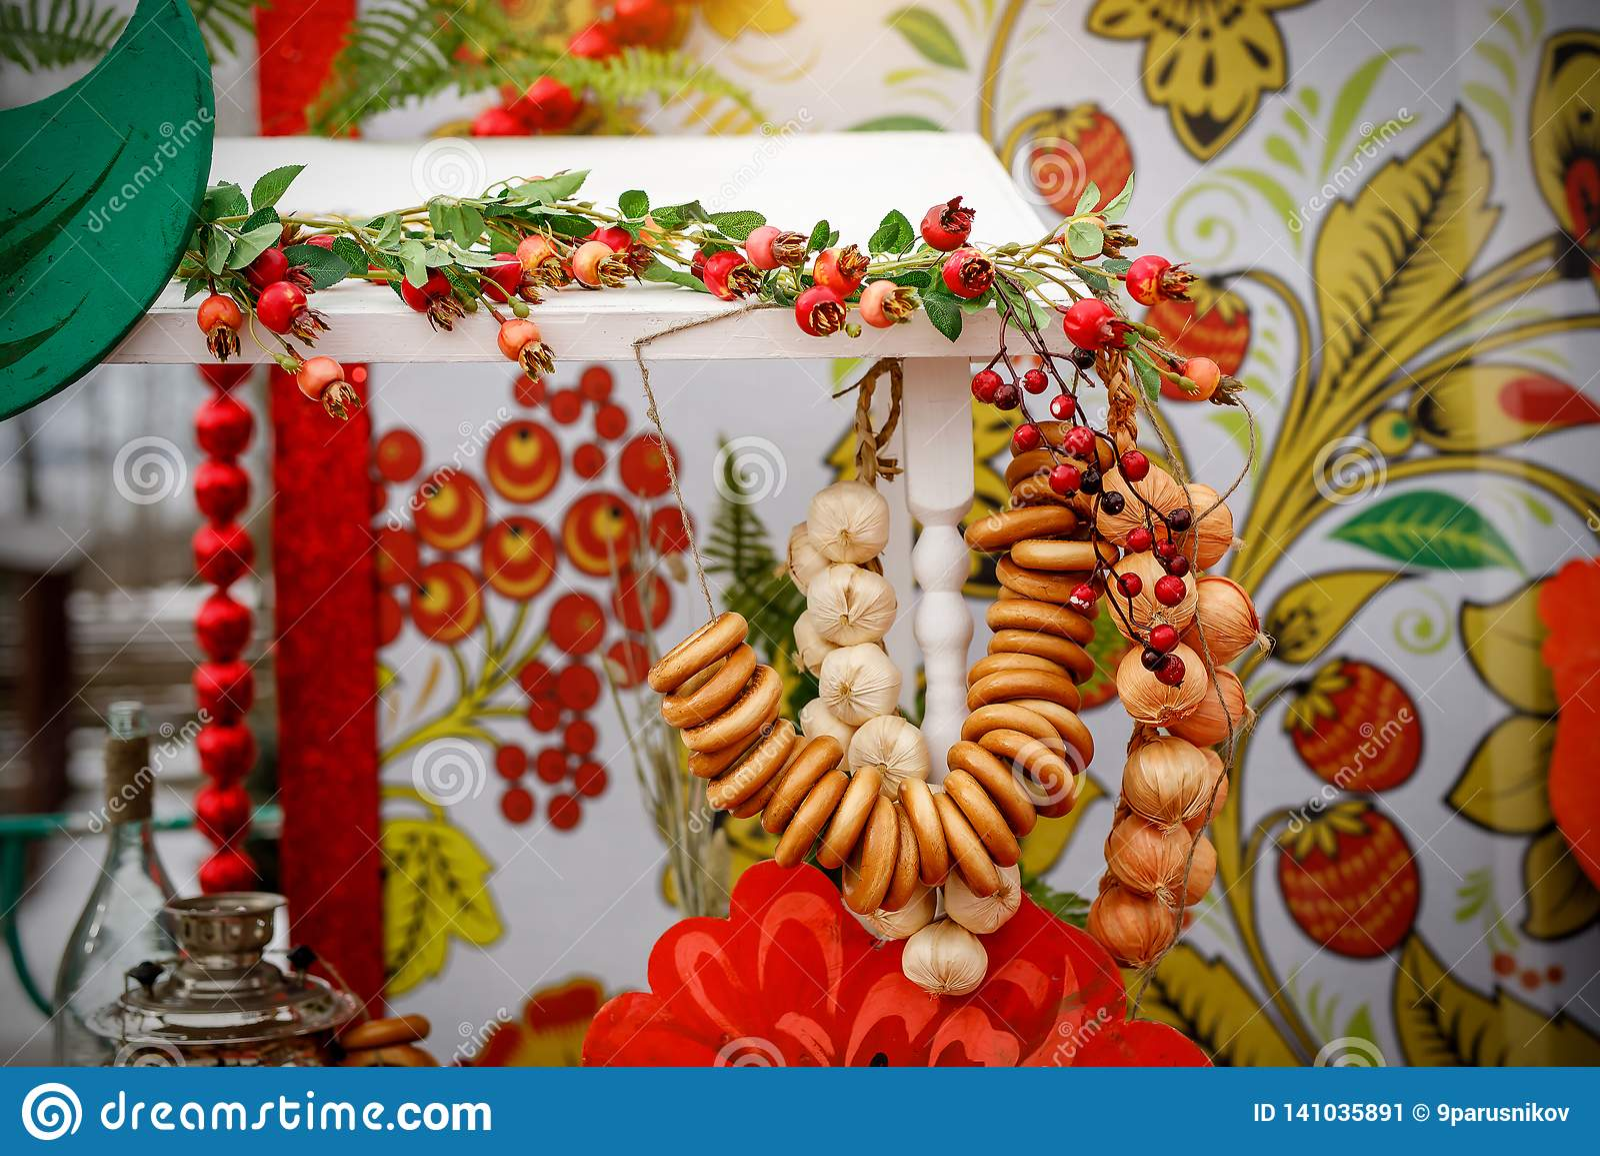 Традиционное русское чаепитие включая горячий черный чай от самовара, сахара шишки, sushki бейгл хруста и baranki